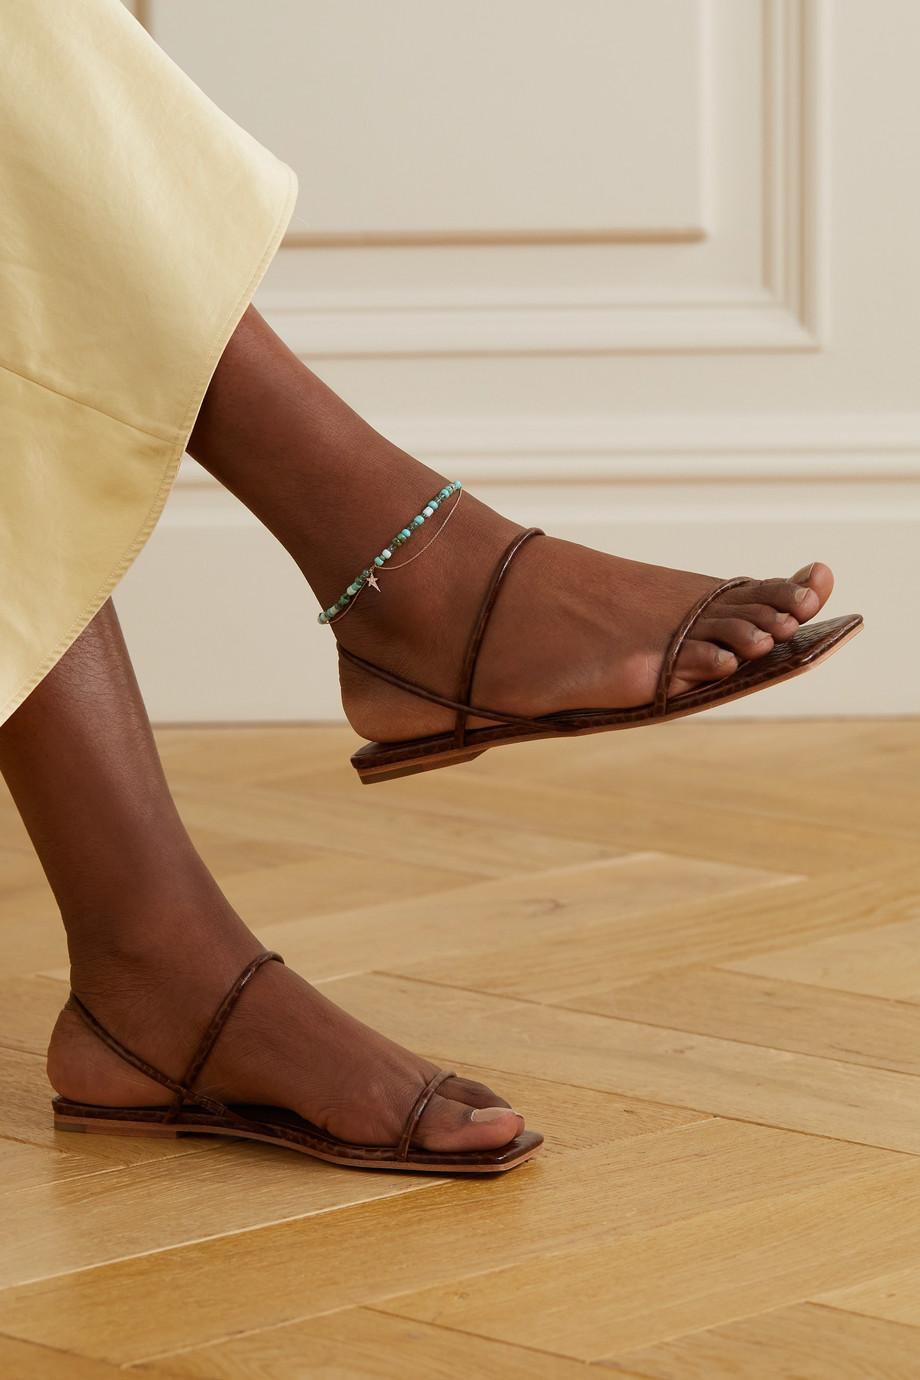 Diane Kordas Star 14-karat rose gold, enamel,  turquoise and diamond anklet